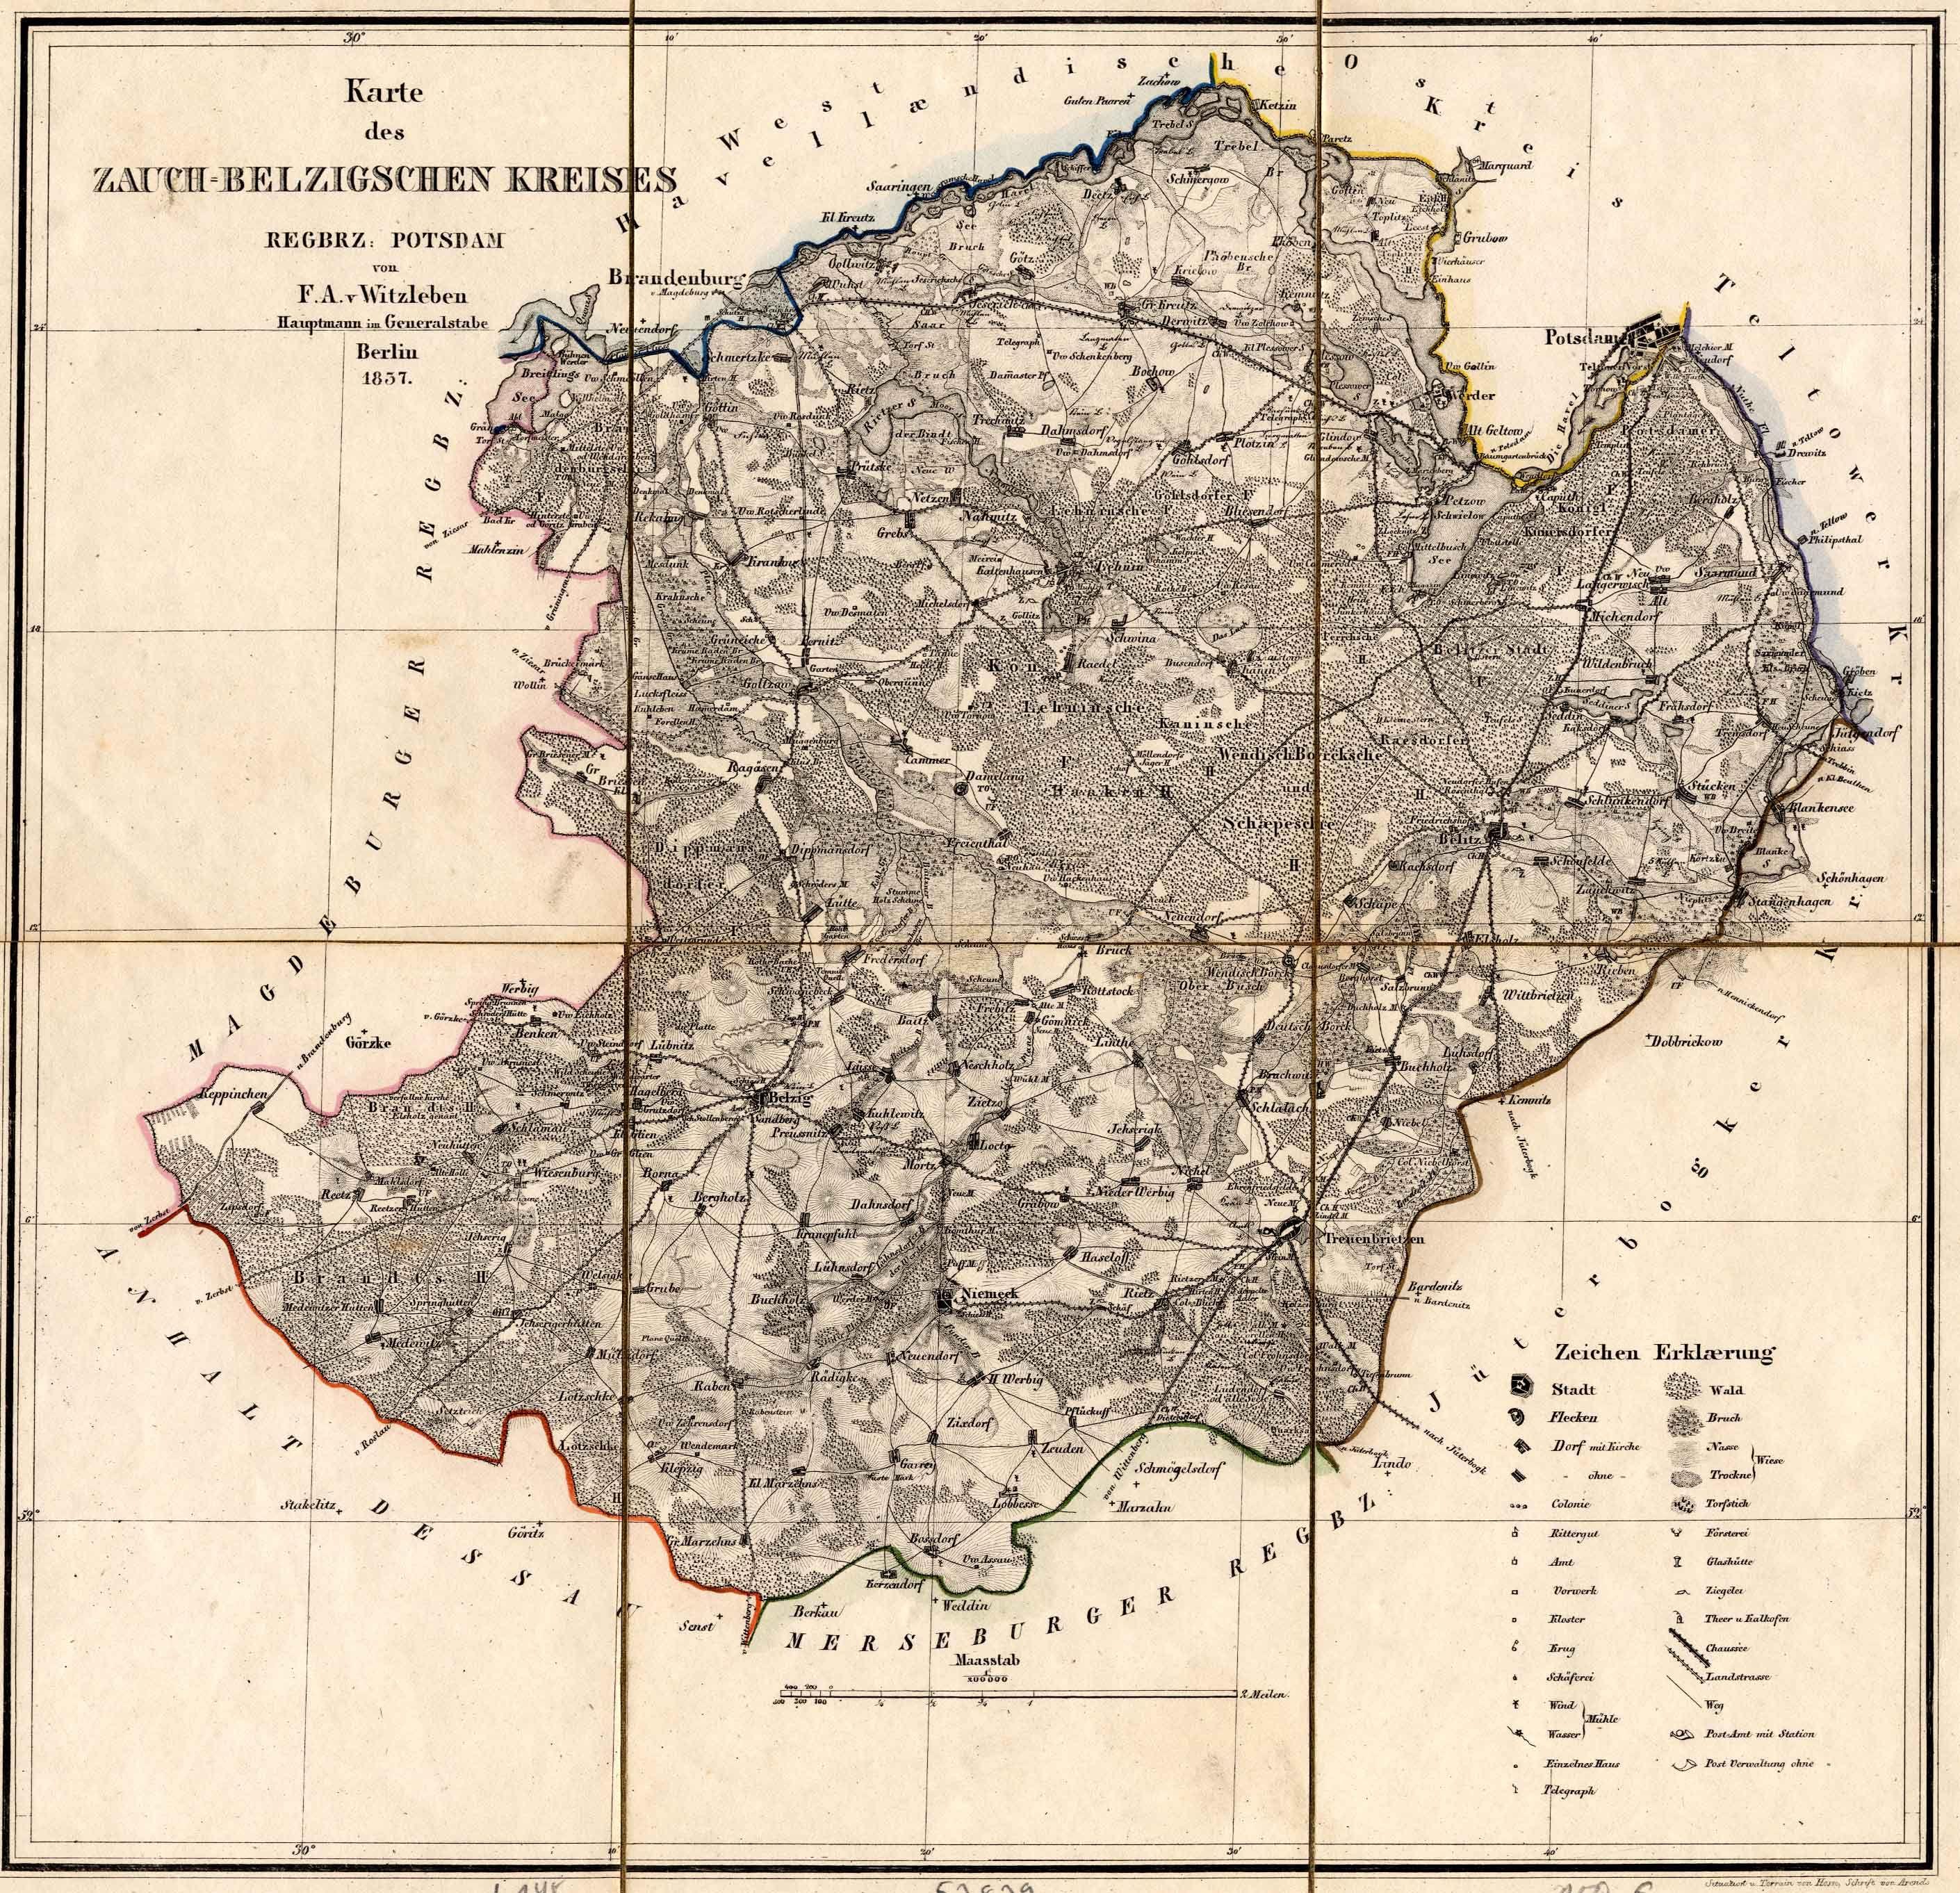 Zauch-Belzigscher Kreis 1837